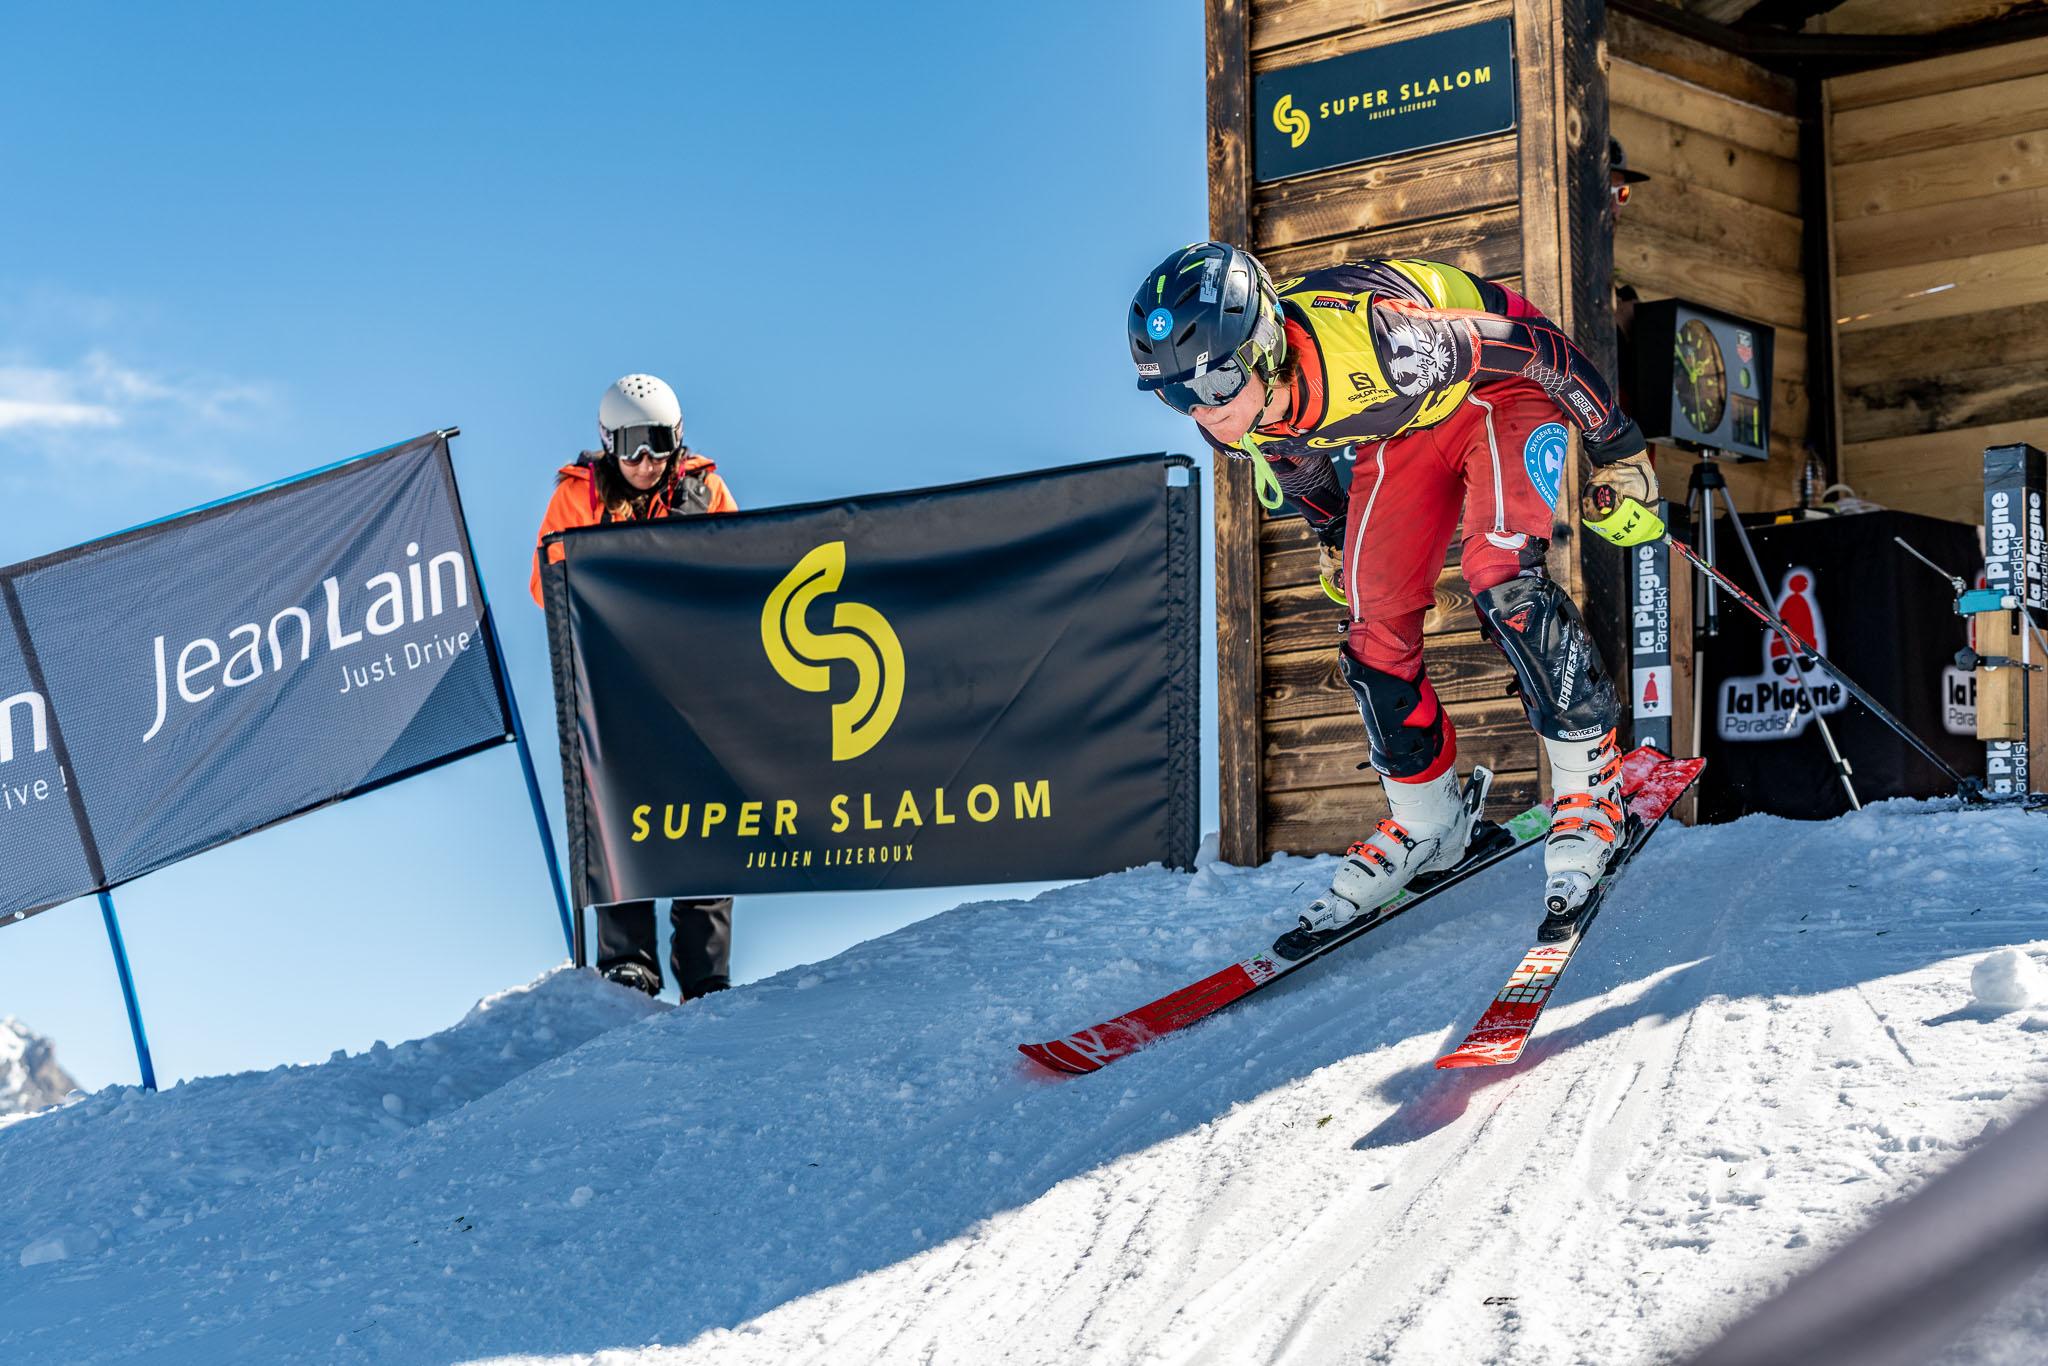 Super Slalom La Plagne 2019